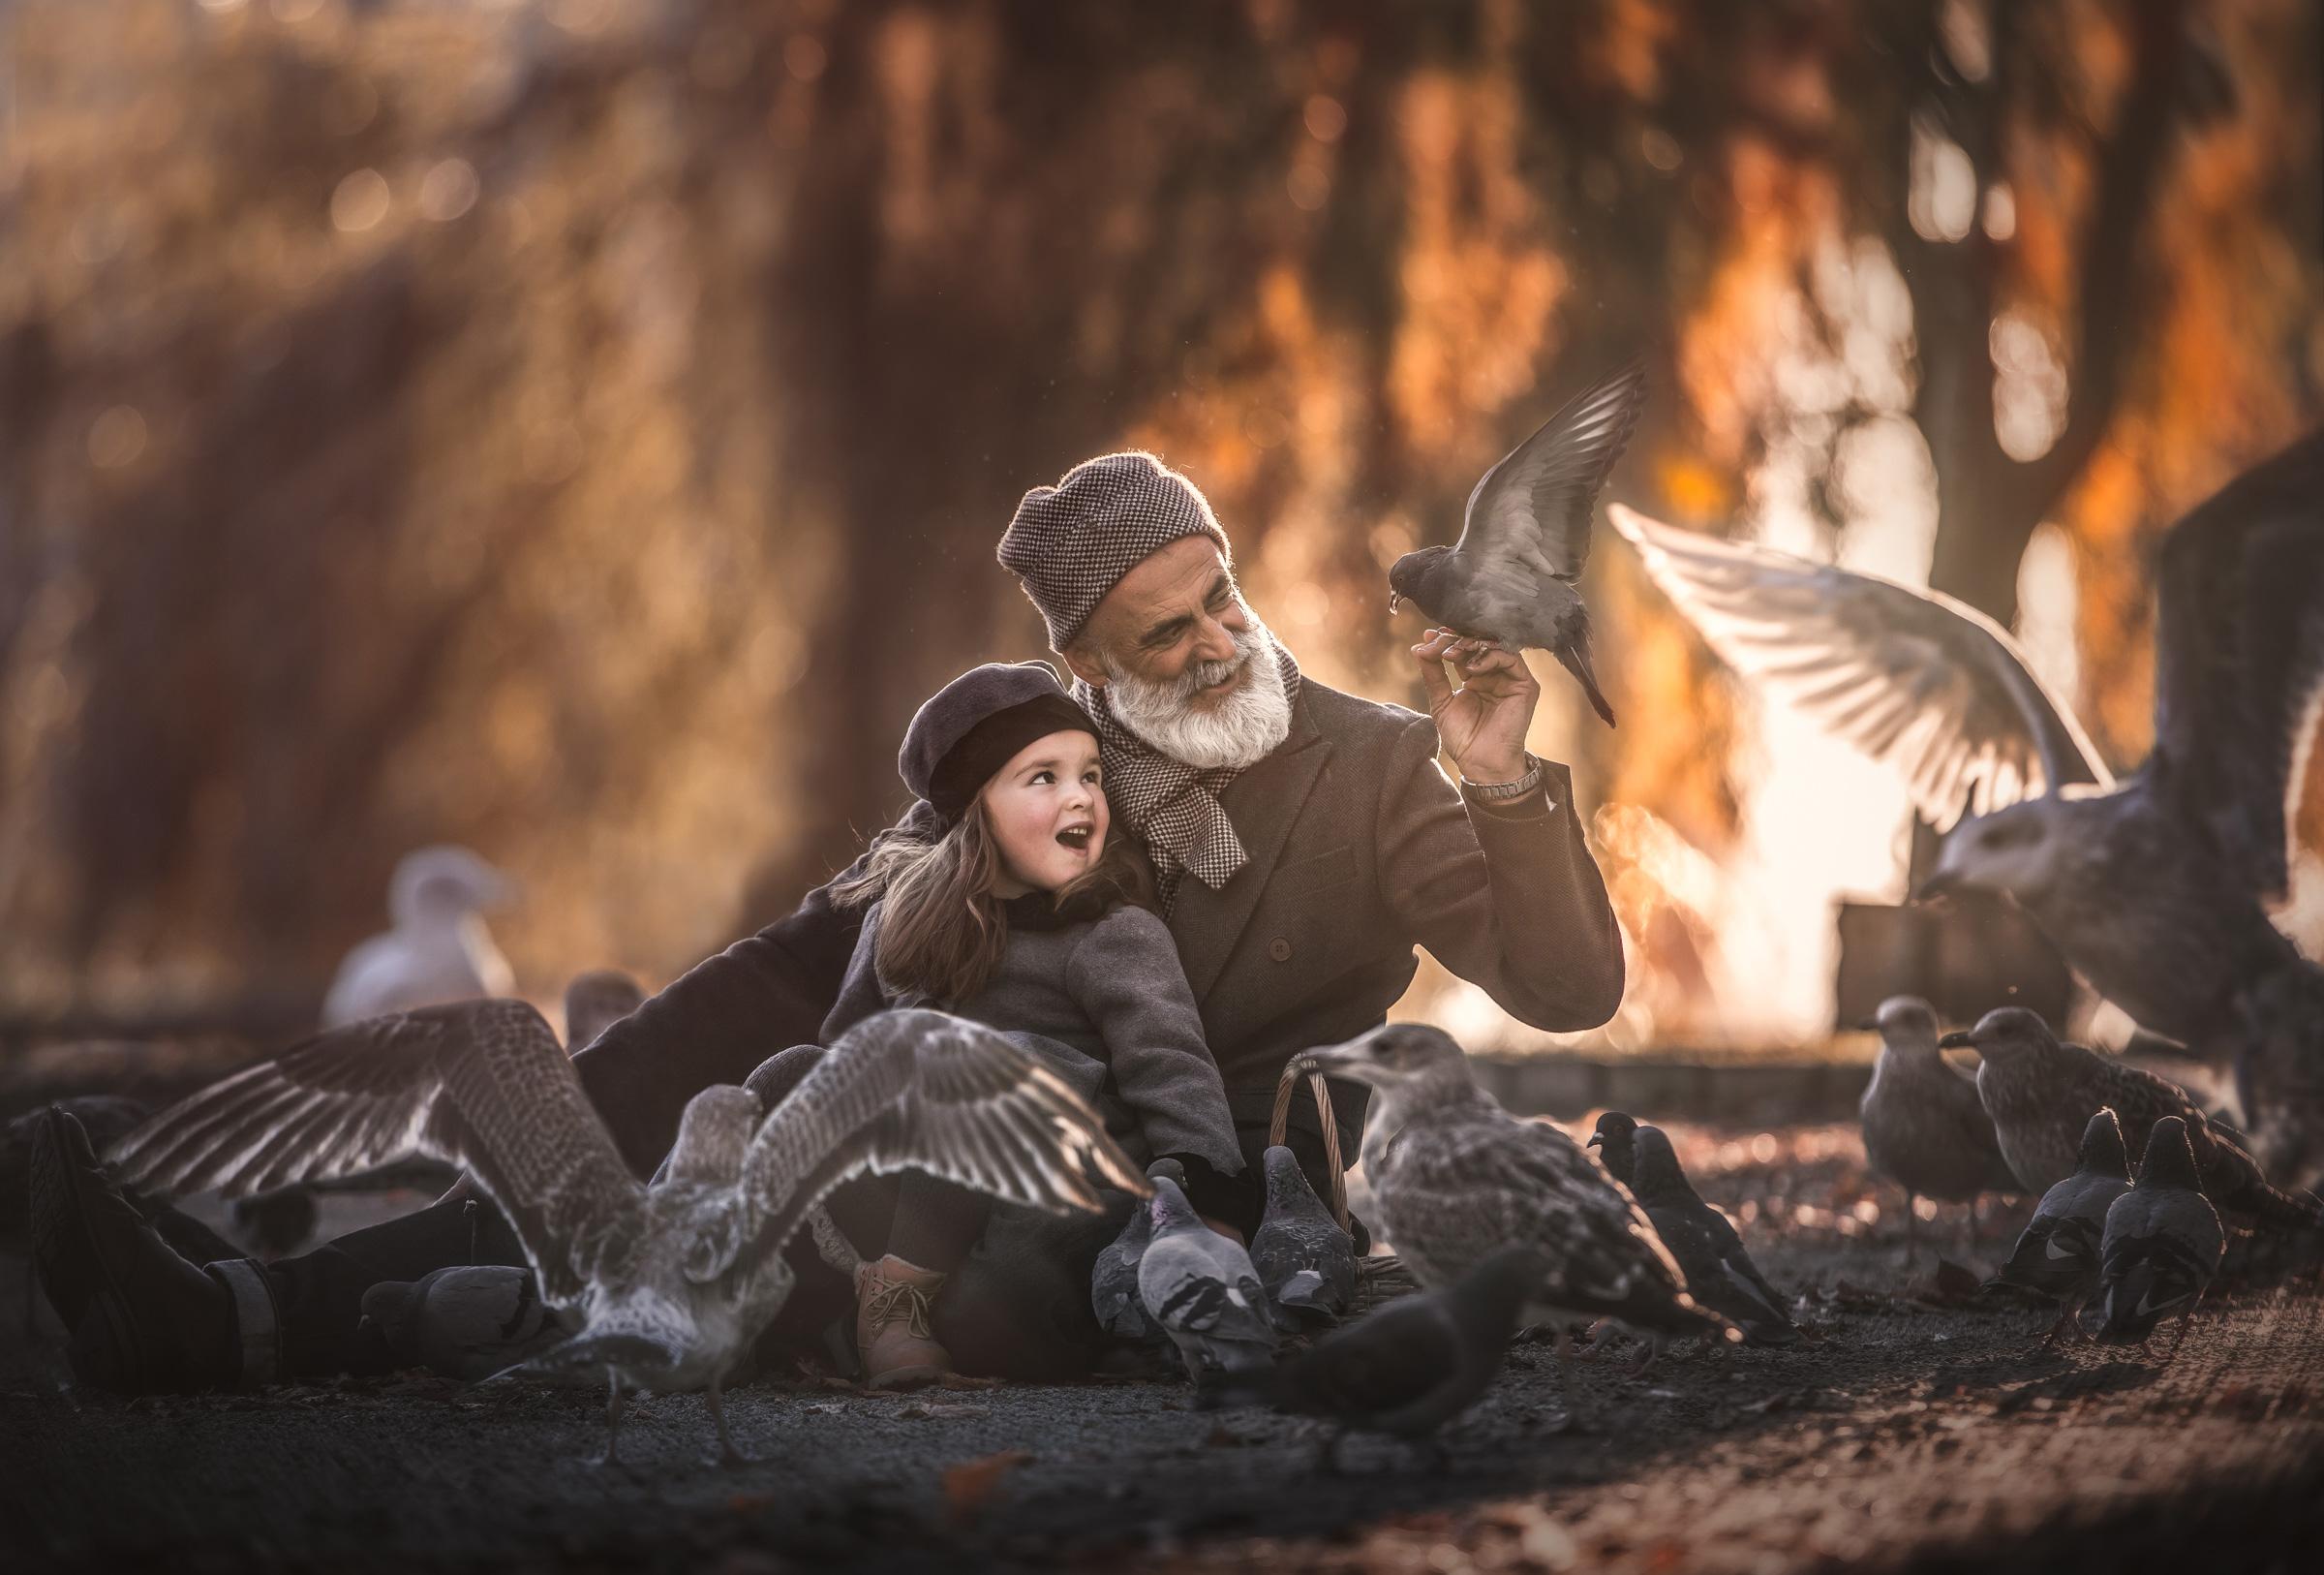 """Nina Carlsen """"A day in the park"""" - hederlig omtale vårrunden 2019, projeksjon farge"""